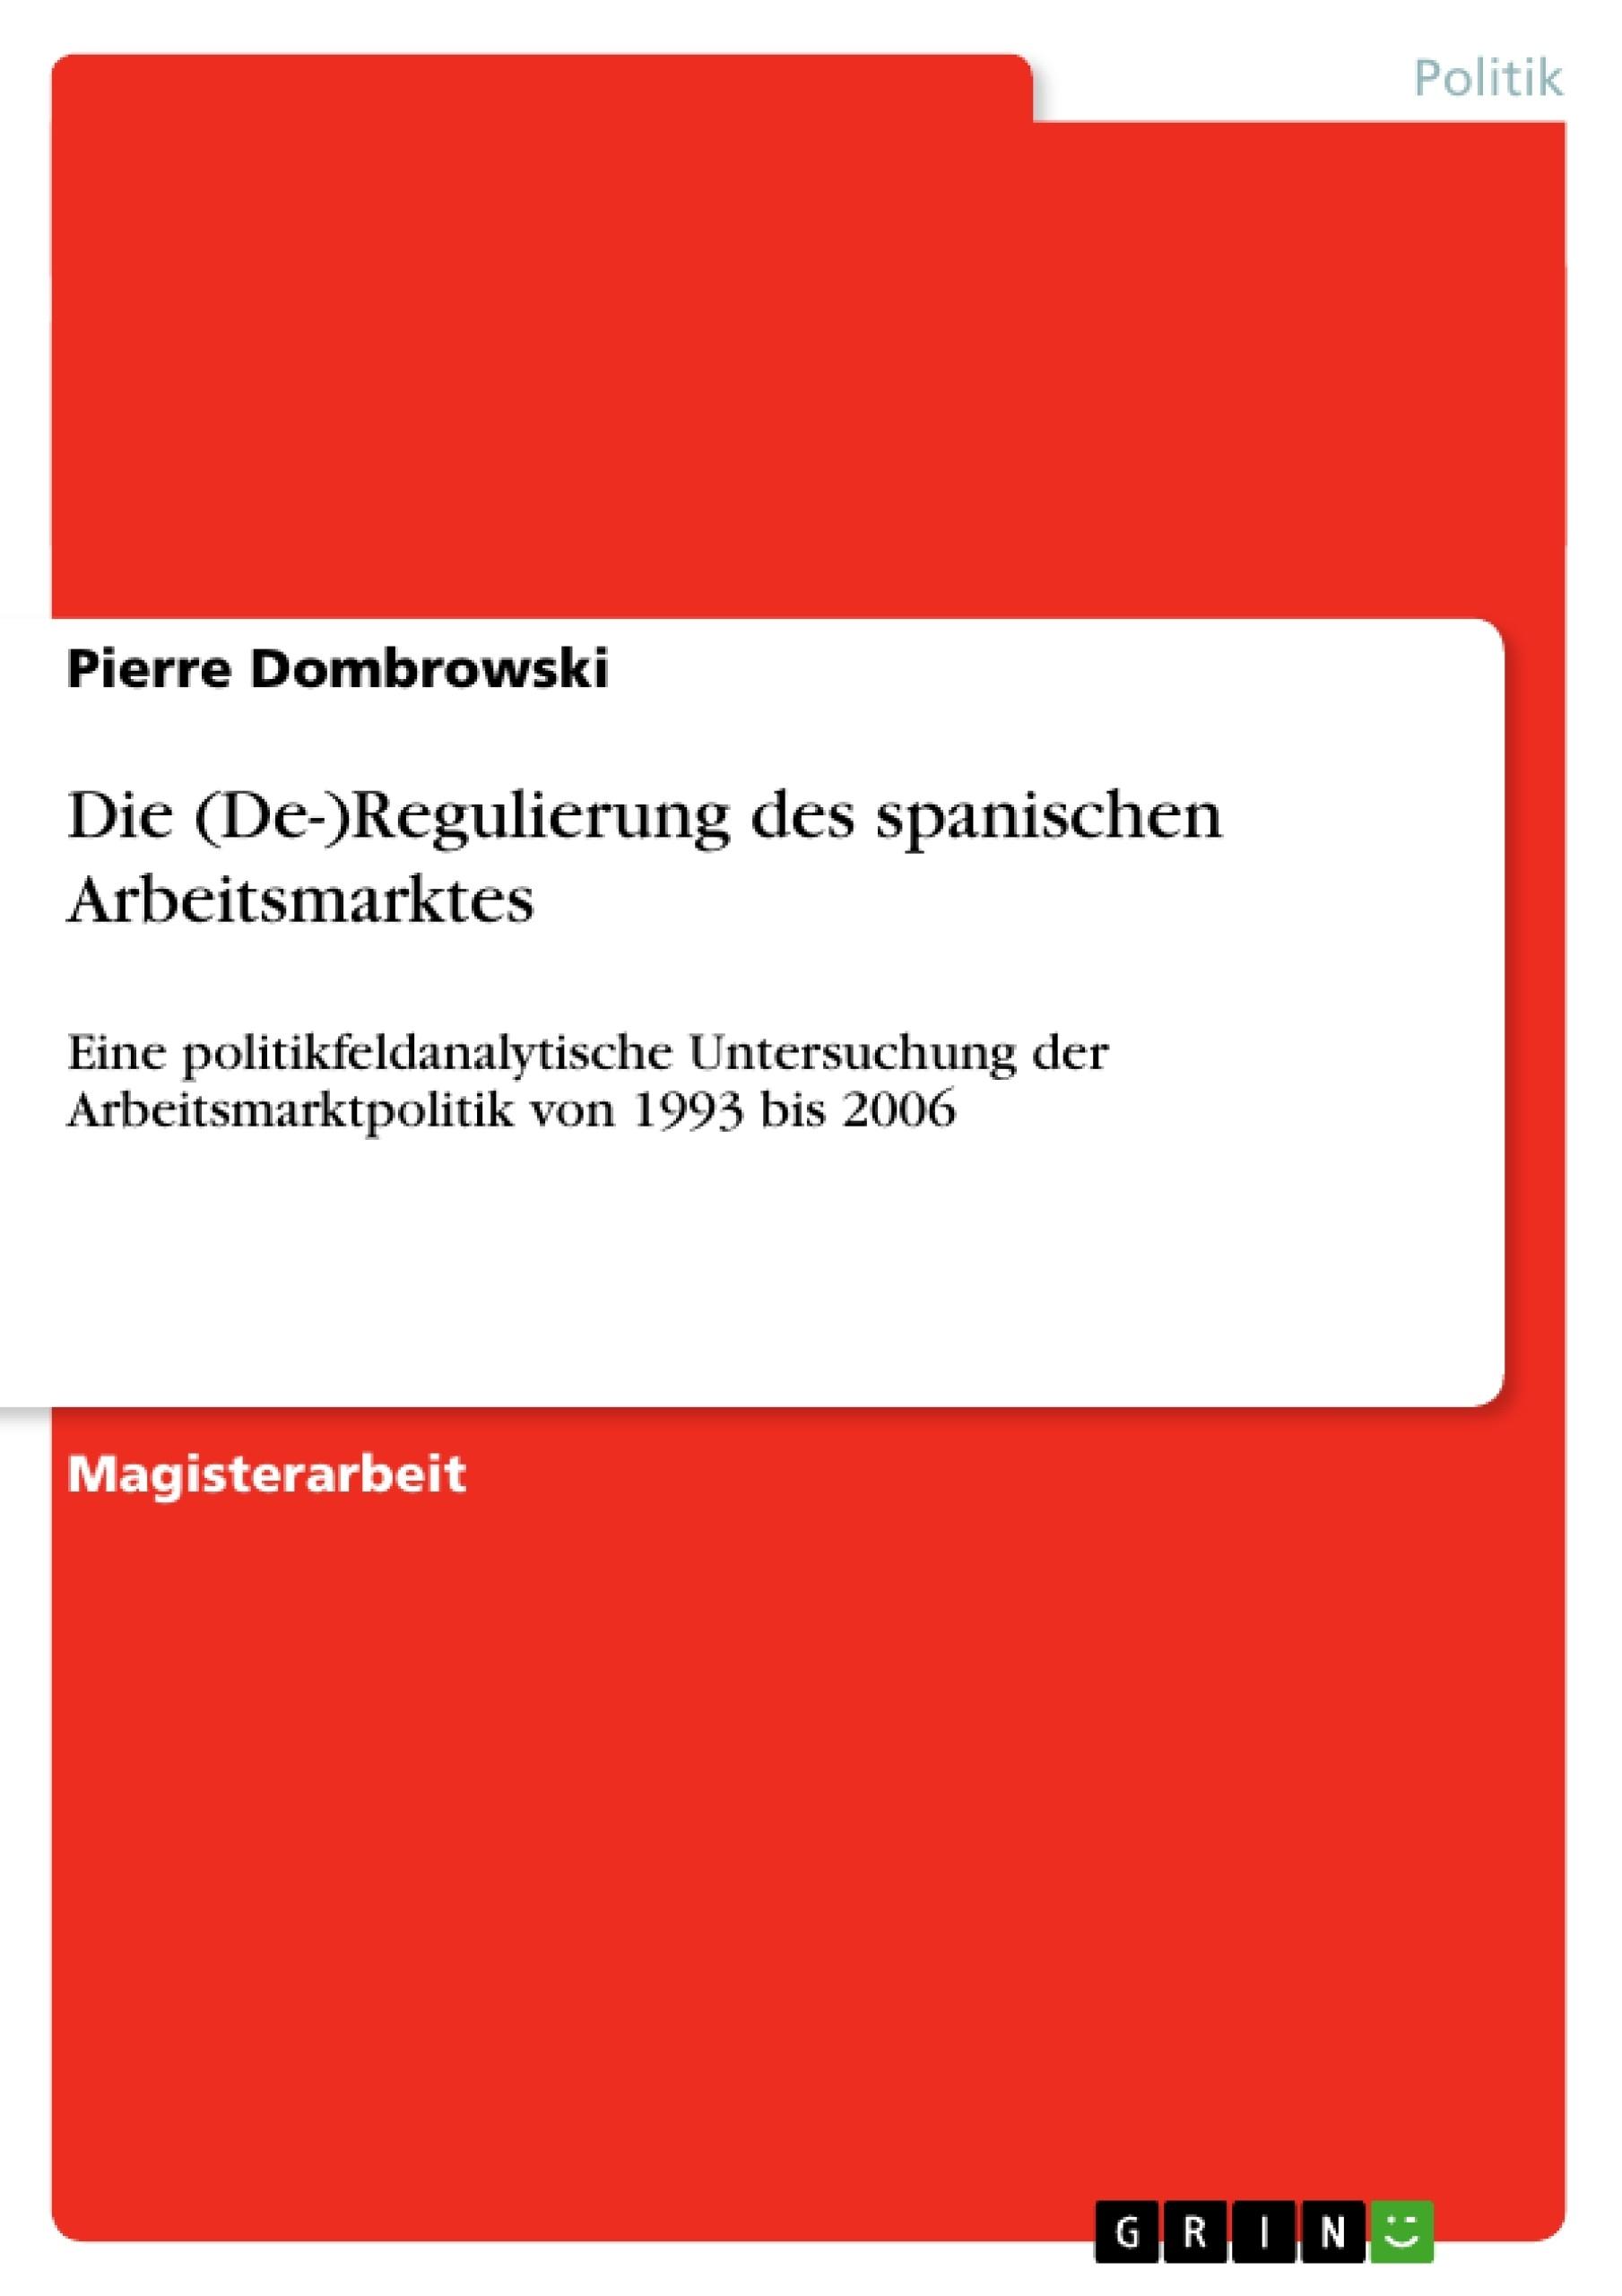 Titel: Die (De-)Regulierung des spanischen Arbeitsmarktes